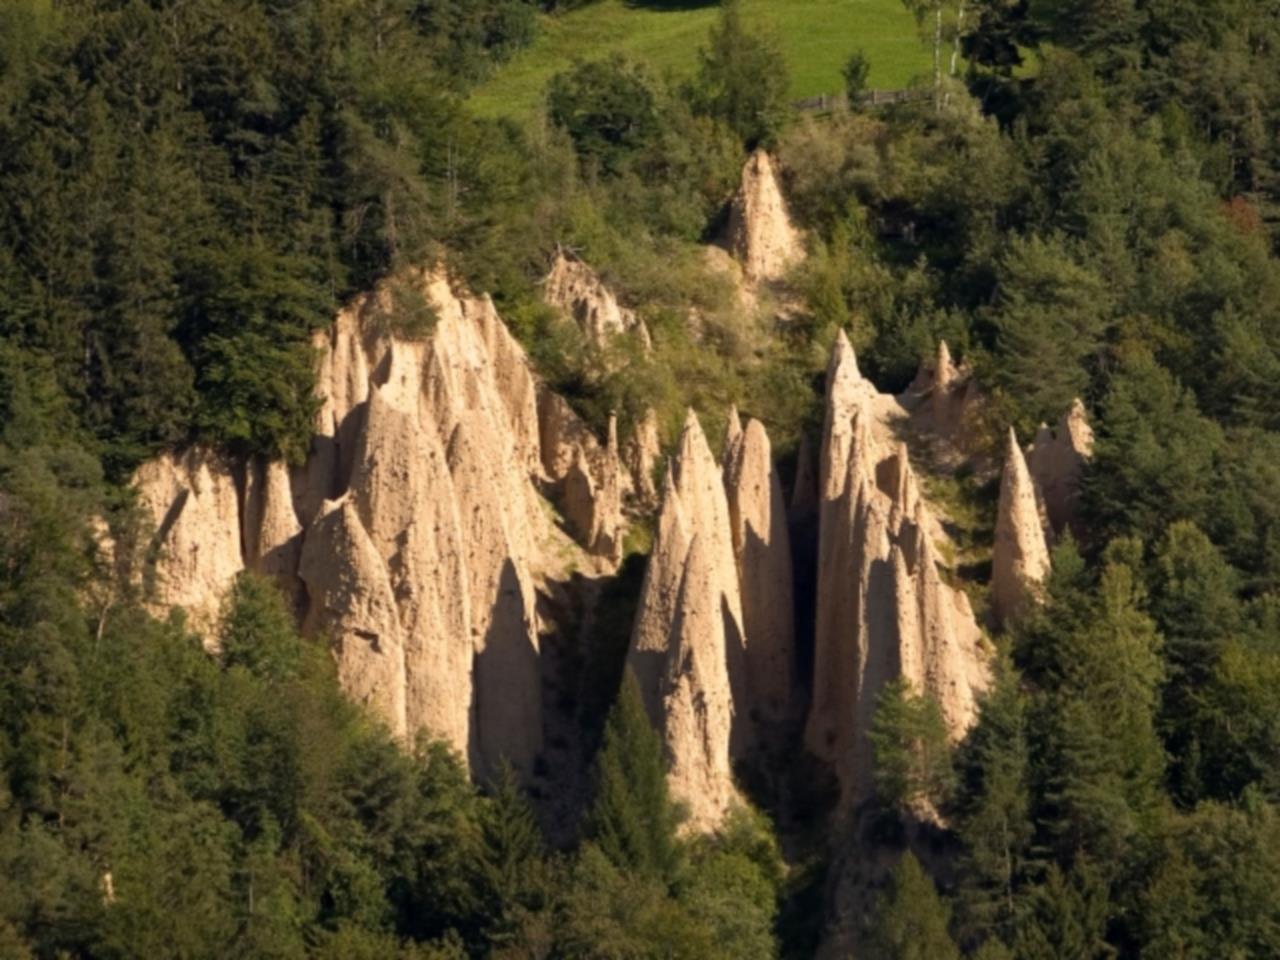 Erdpyramiden Steinegg